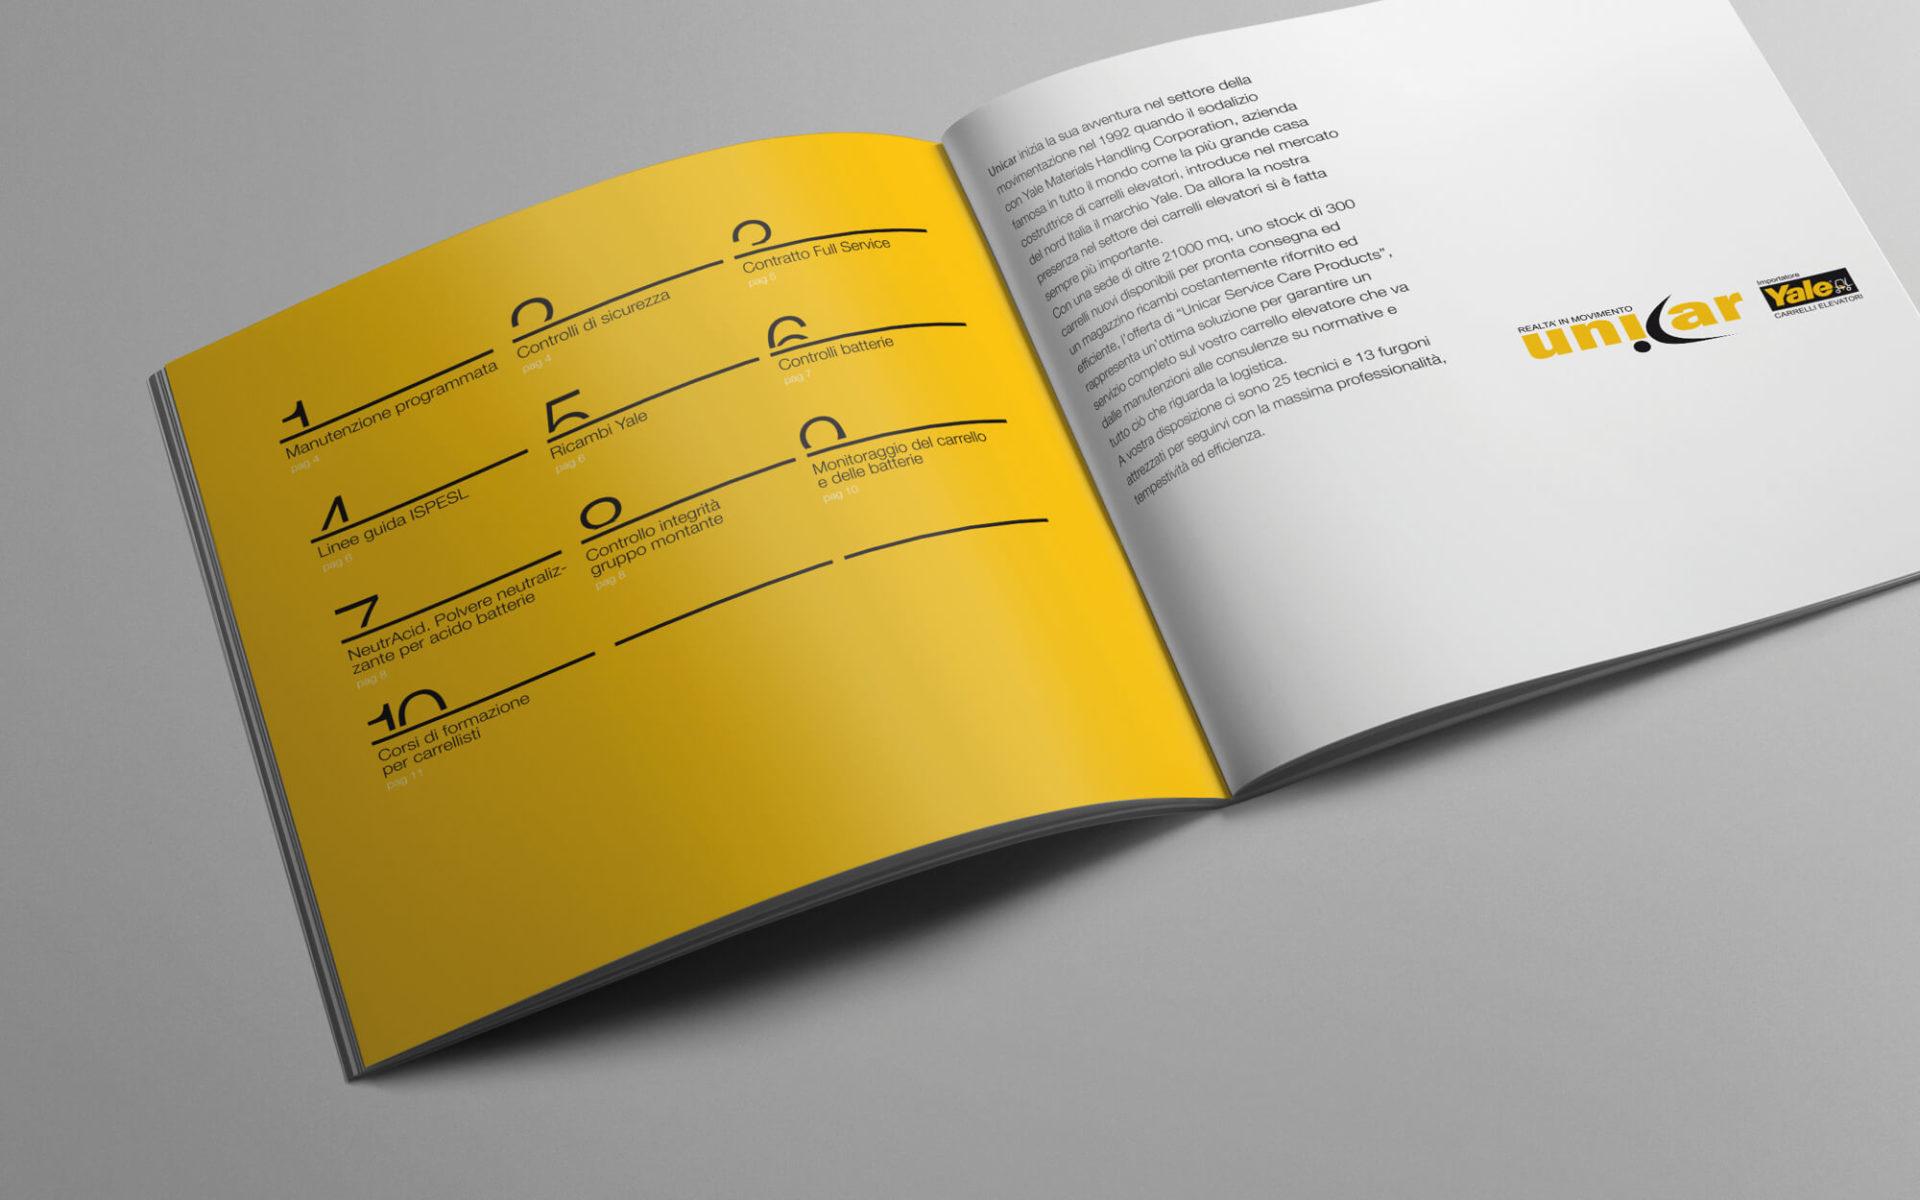 dettaglio pagine di apertura per depliant di presentazione aziendale progettato da diadestudio per unicar